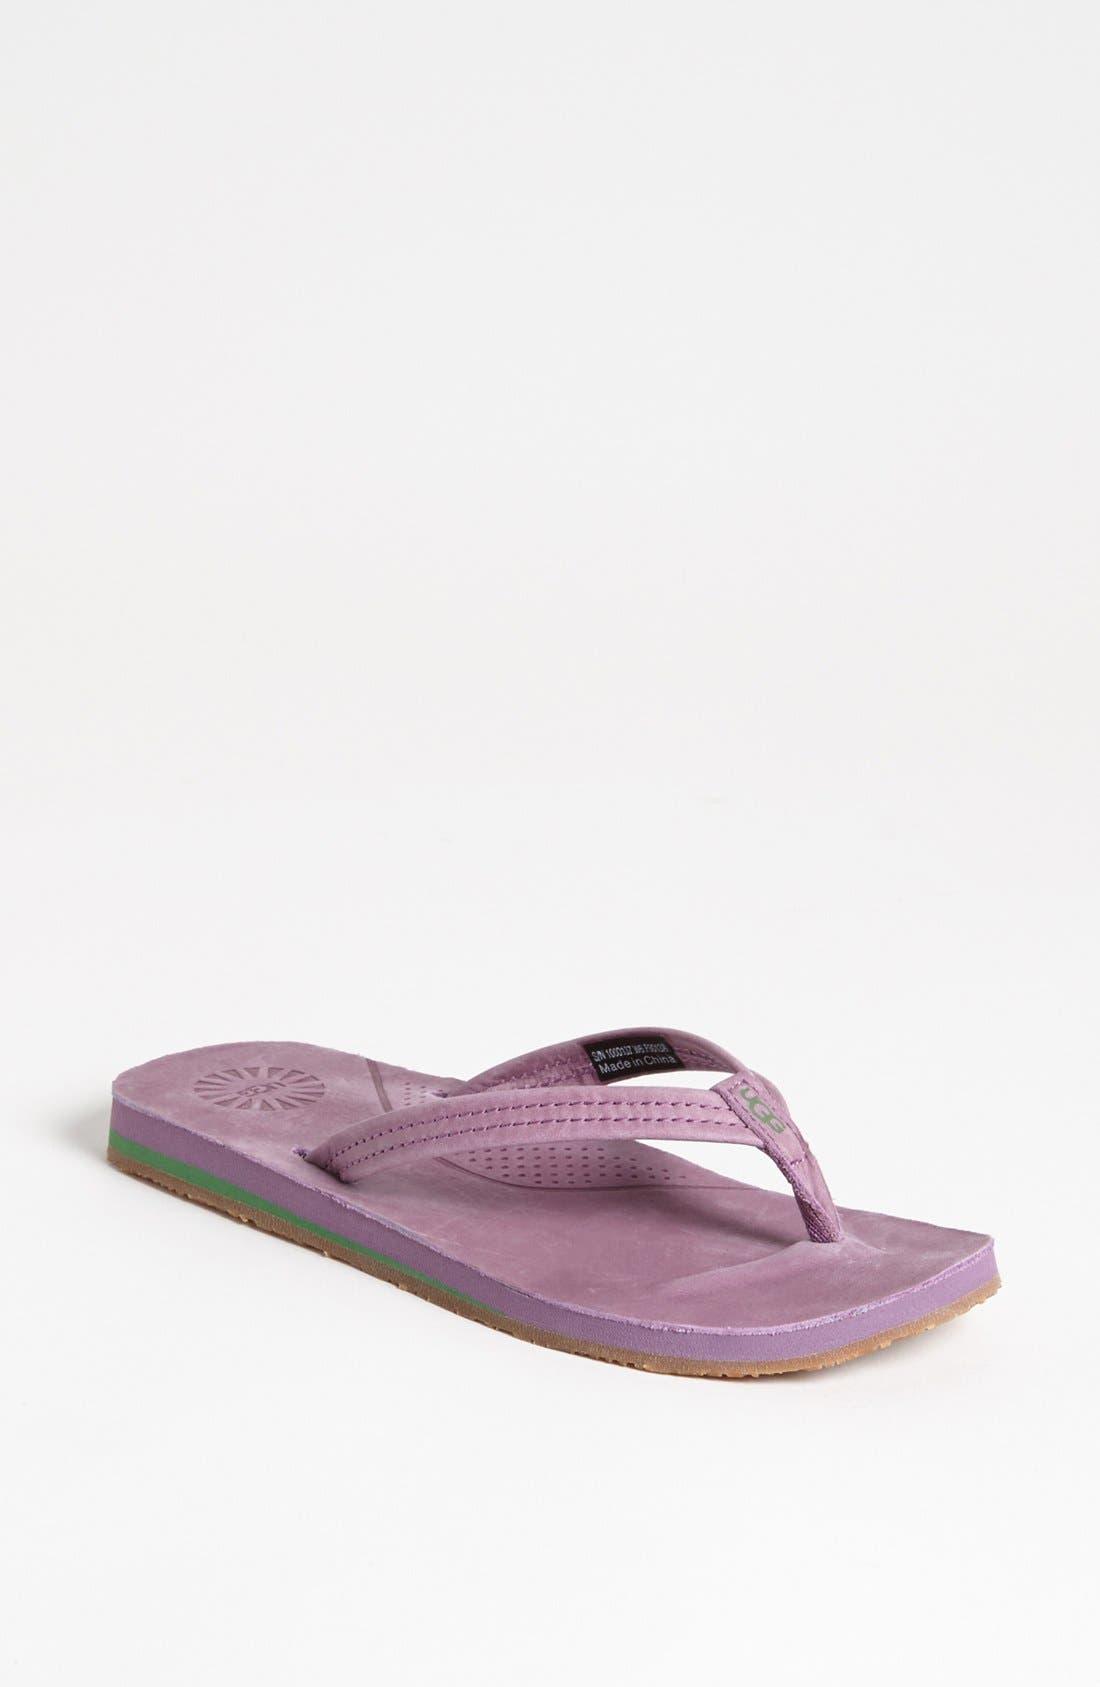 Main Image - UGG® 'Kayla' Thong Sandal (Women)